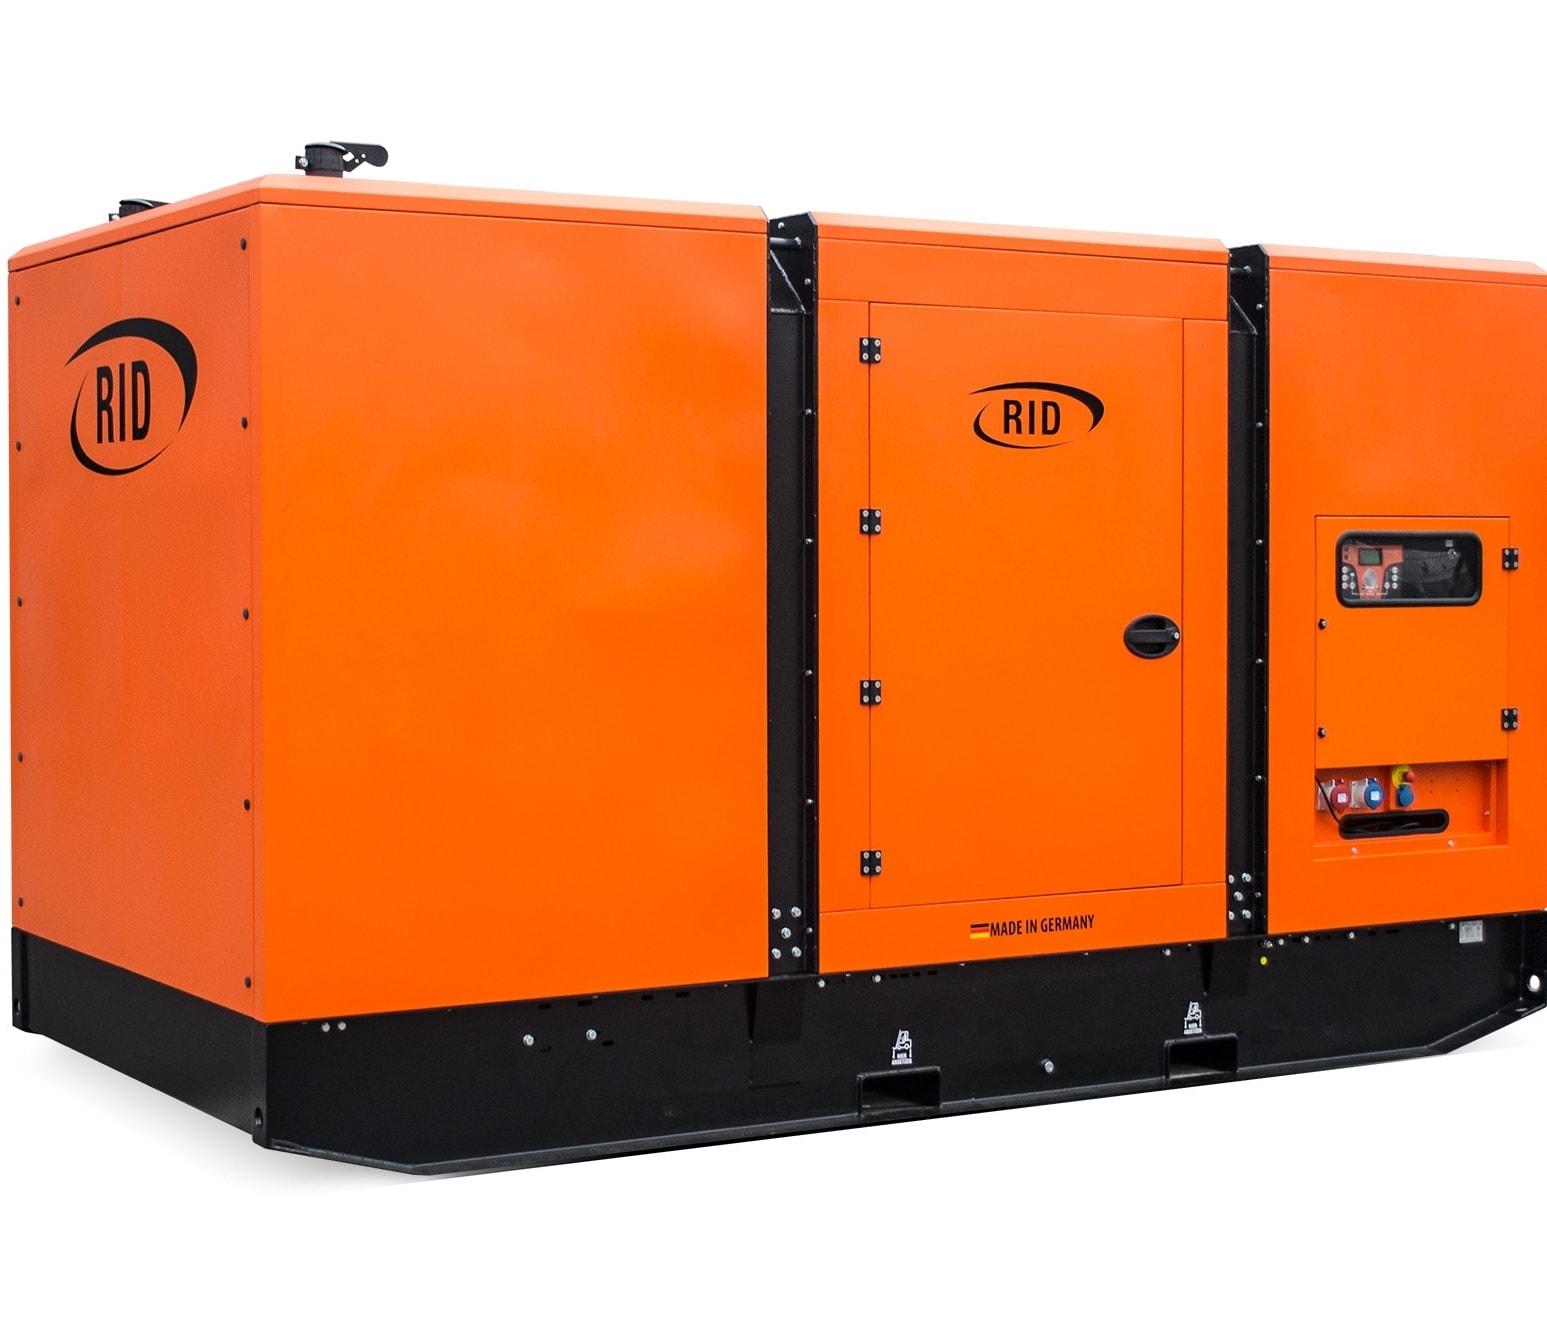 дизельная электростанция rid 400 s-series s